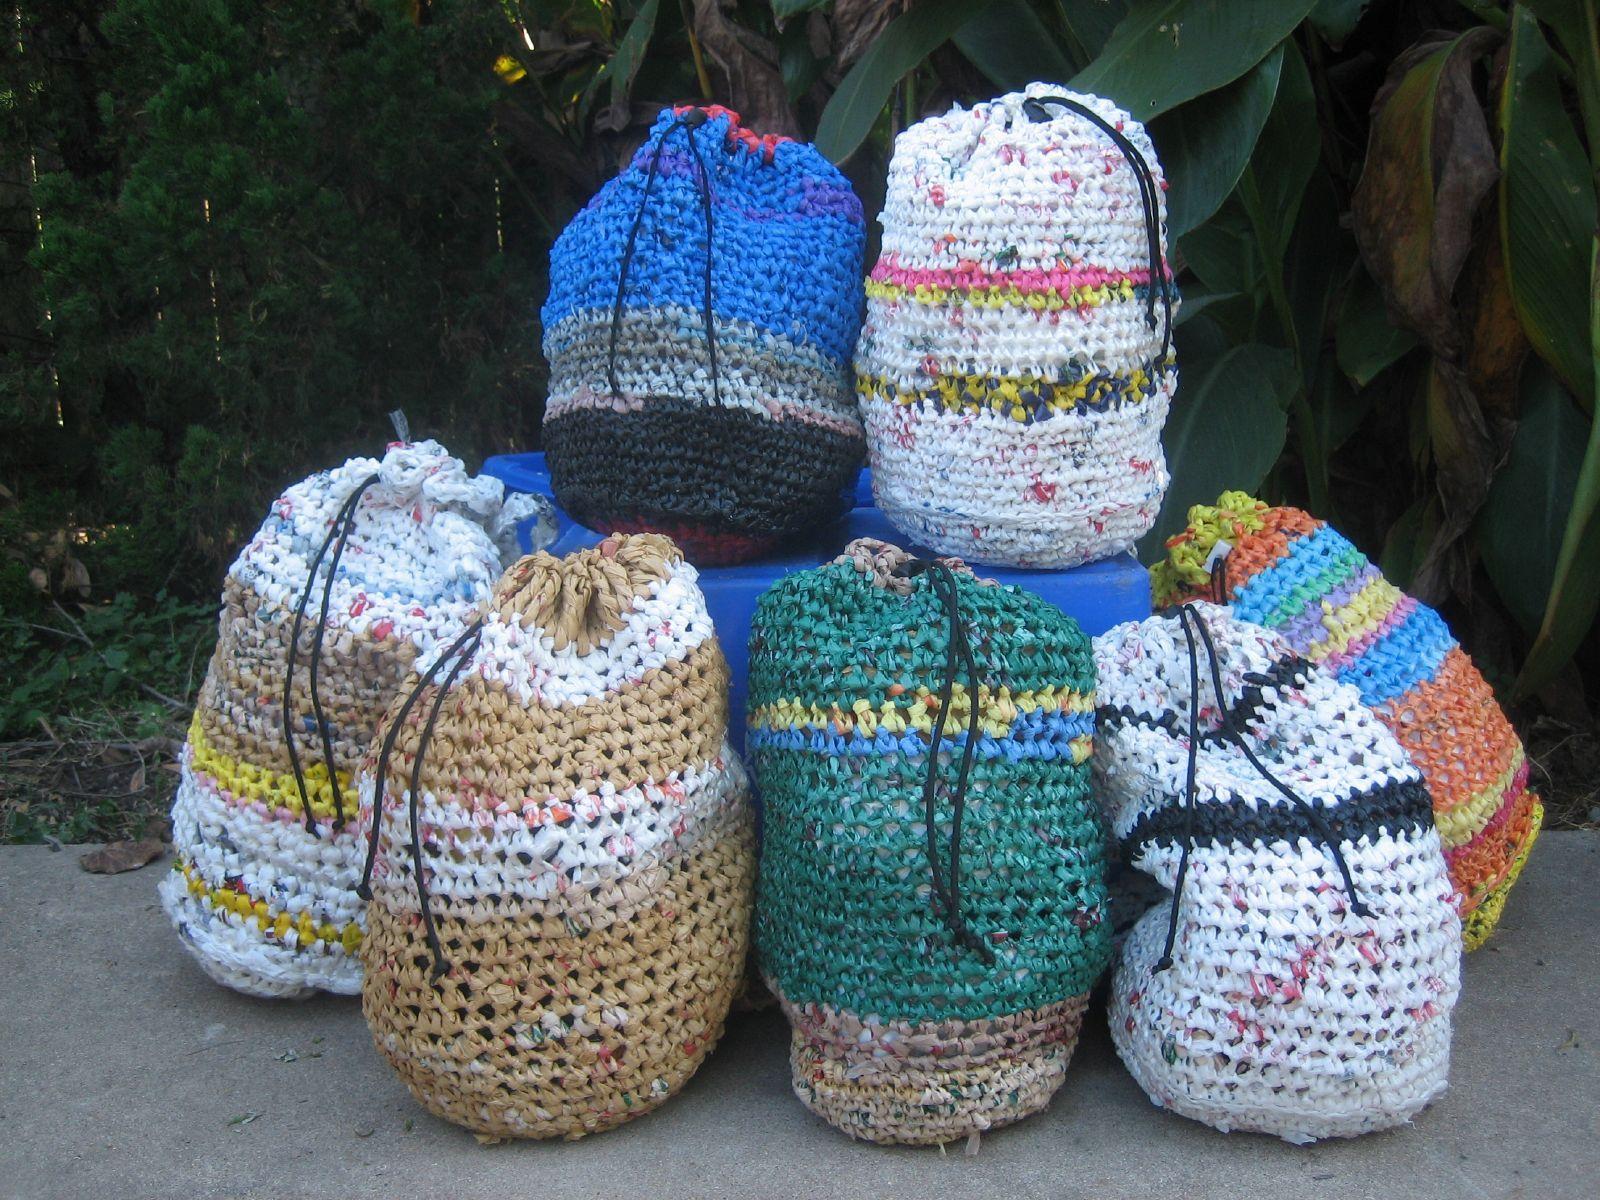 Plasticbagcrochetbackpack7g (1600�1200)